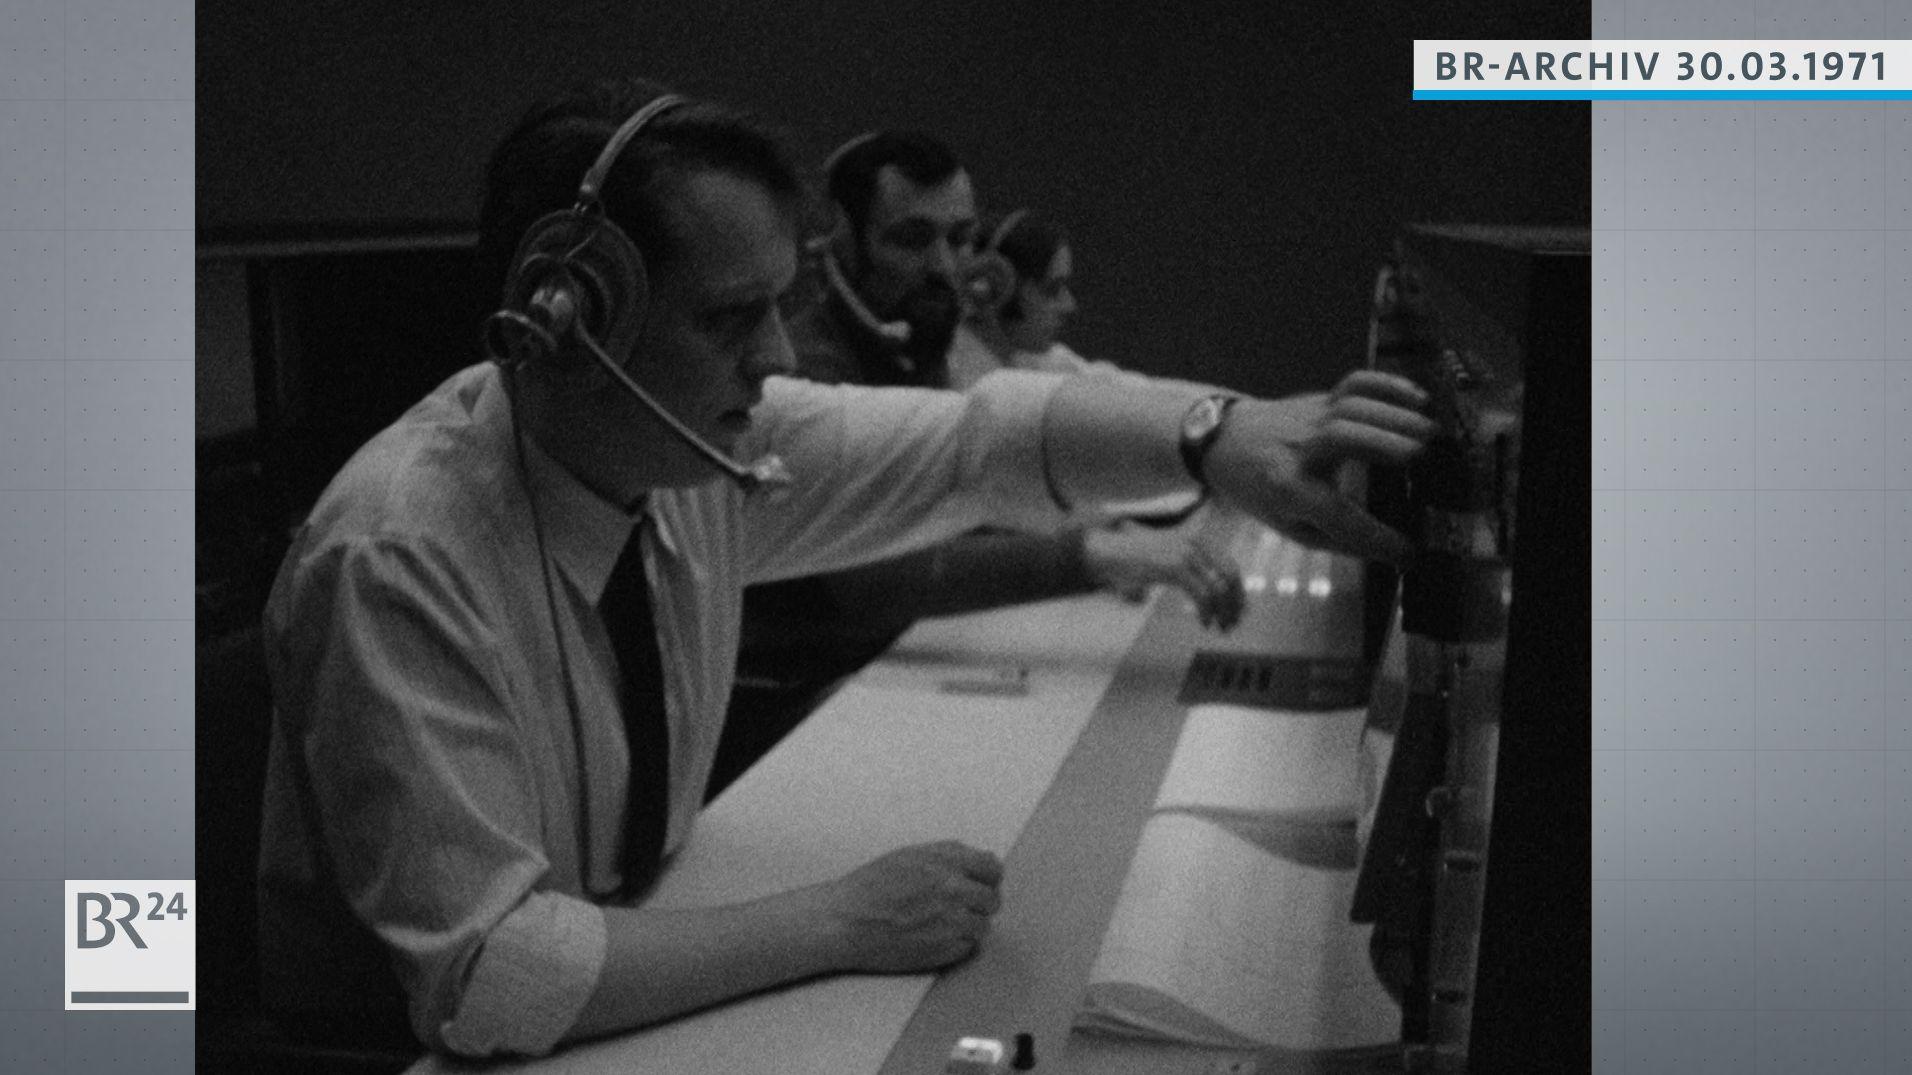 Mitarbeiter im Raumfahrtkontrollzentrum Oberpfaffenhofen